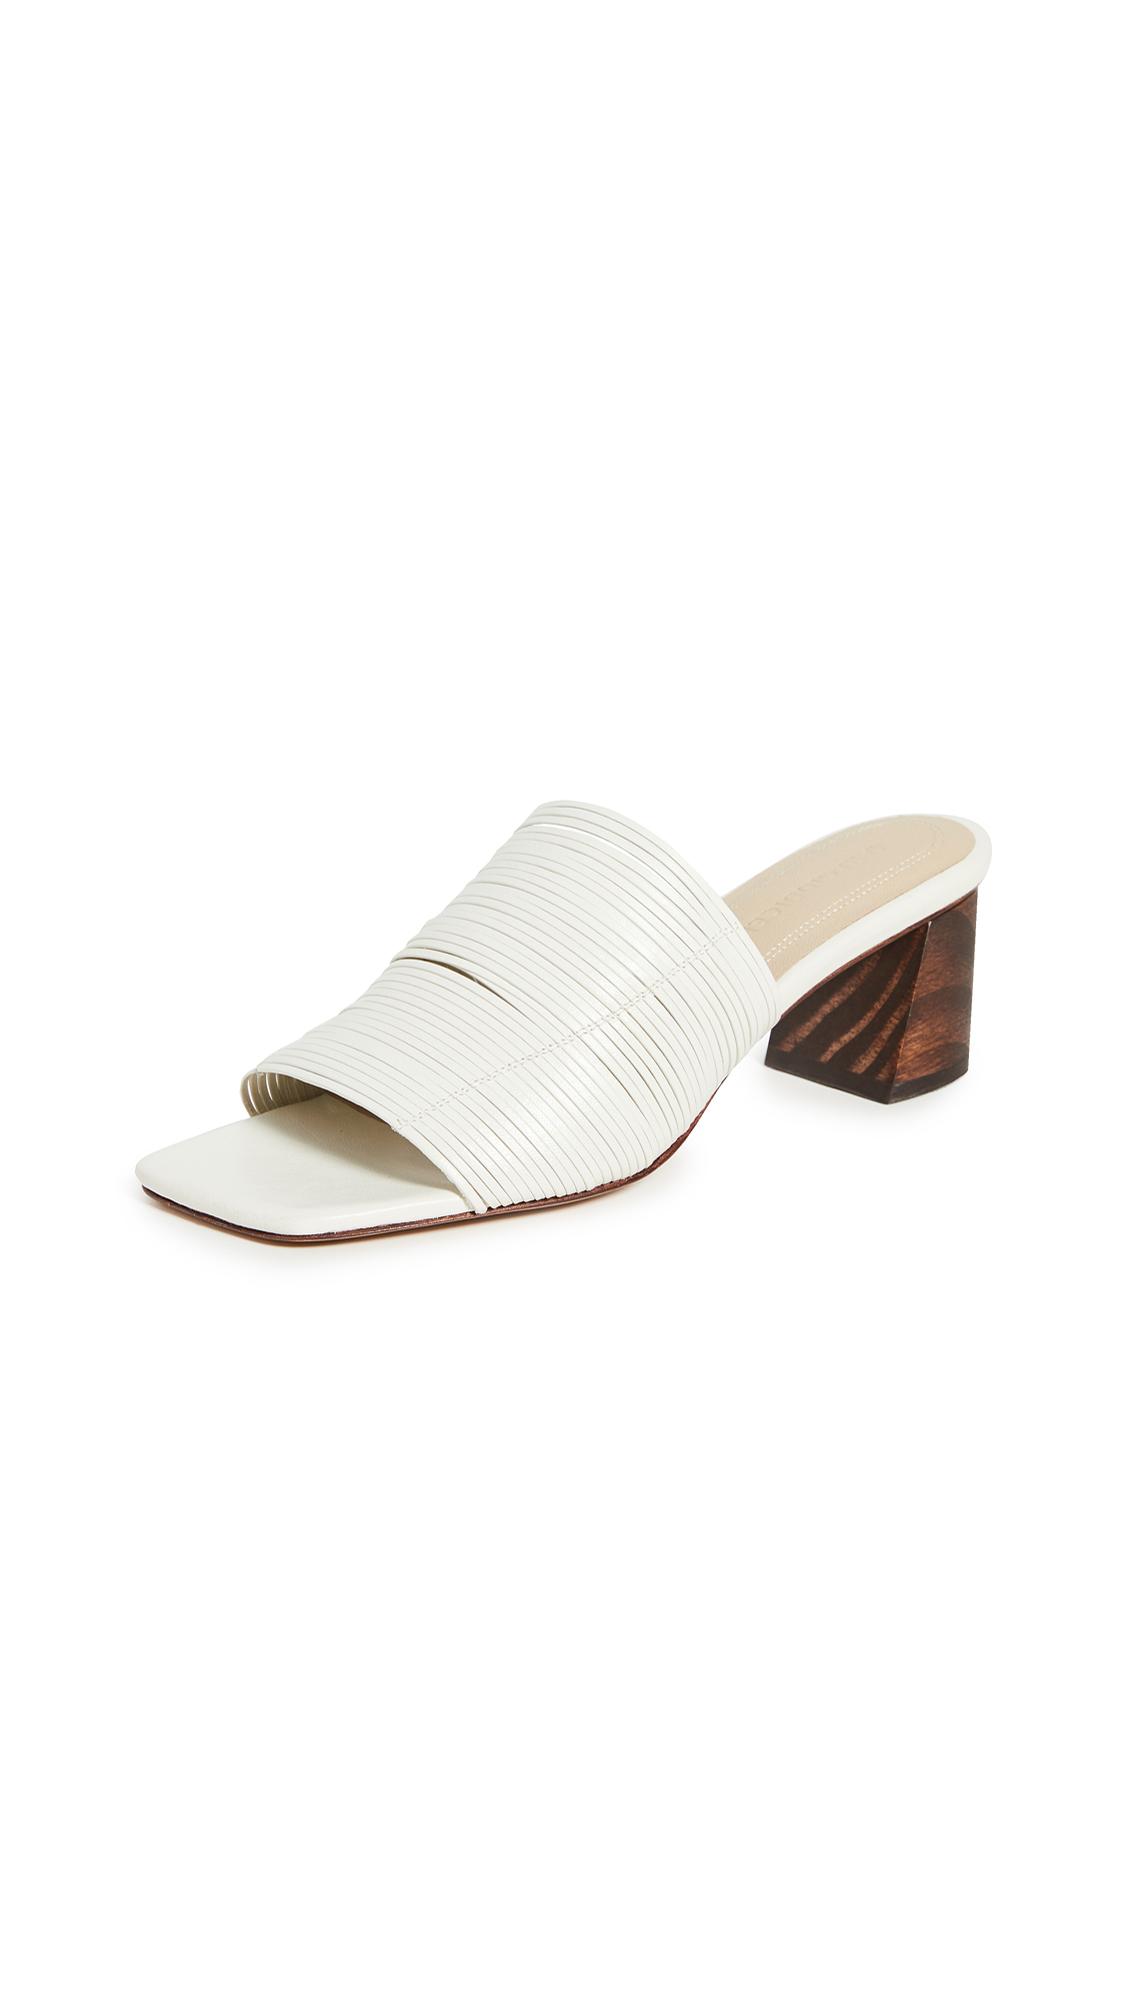 Mari Giudicelli Gisele Sandals – 40% Off Sale